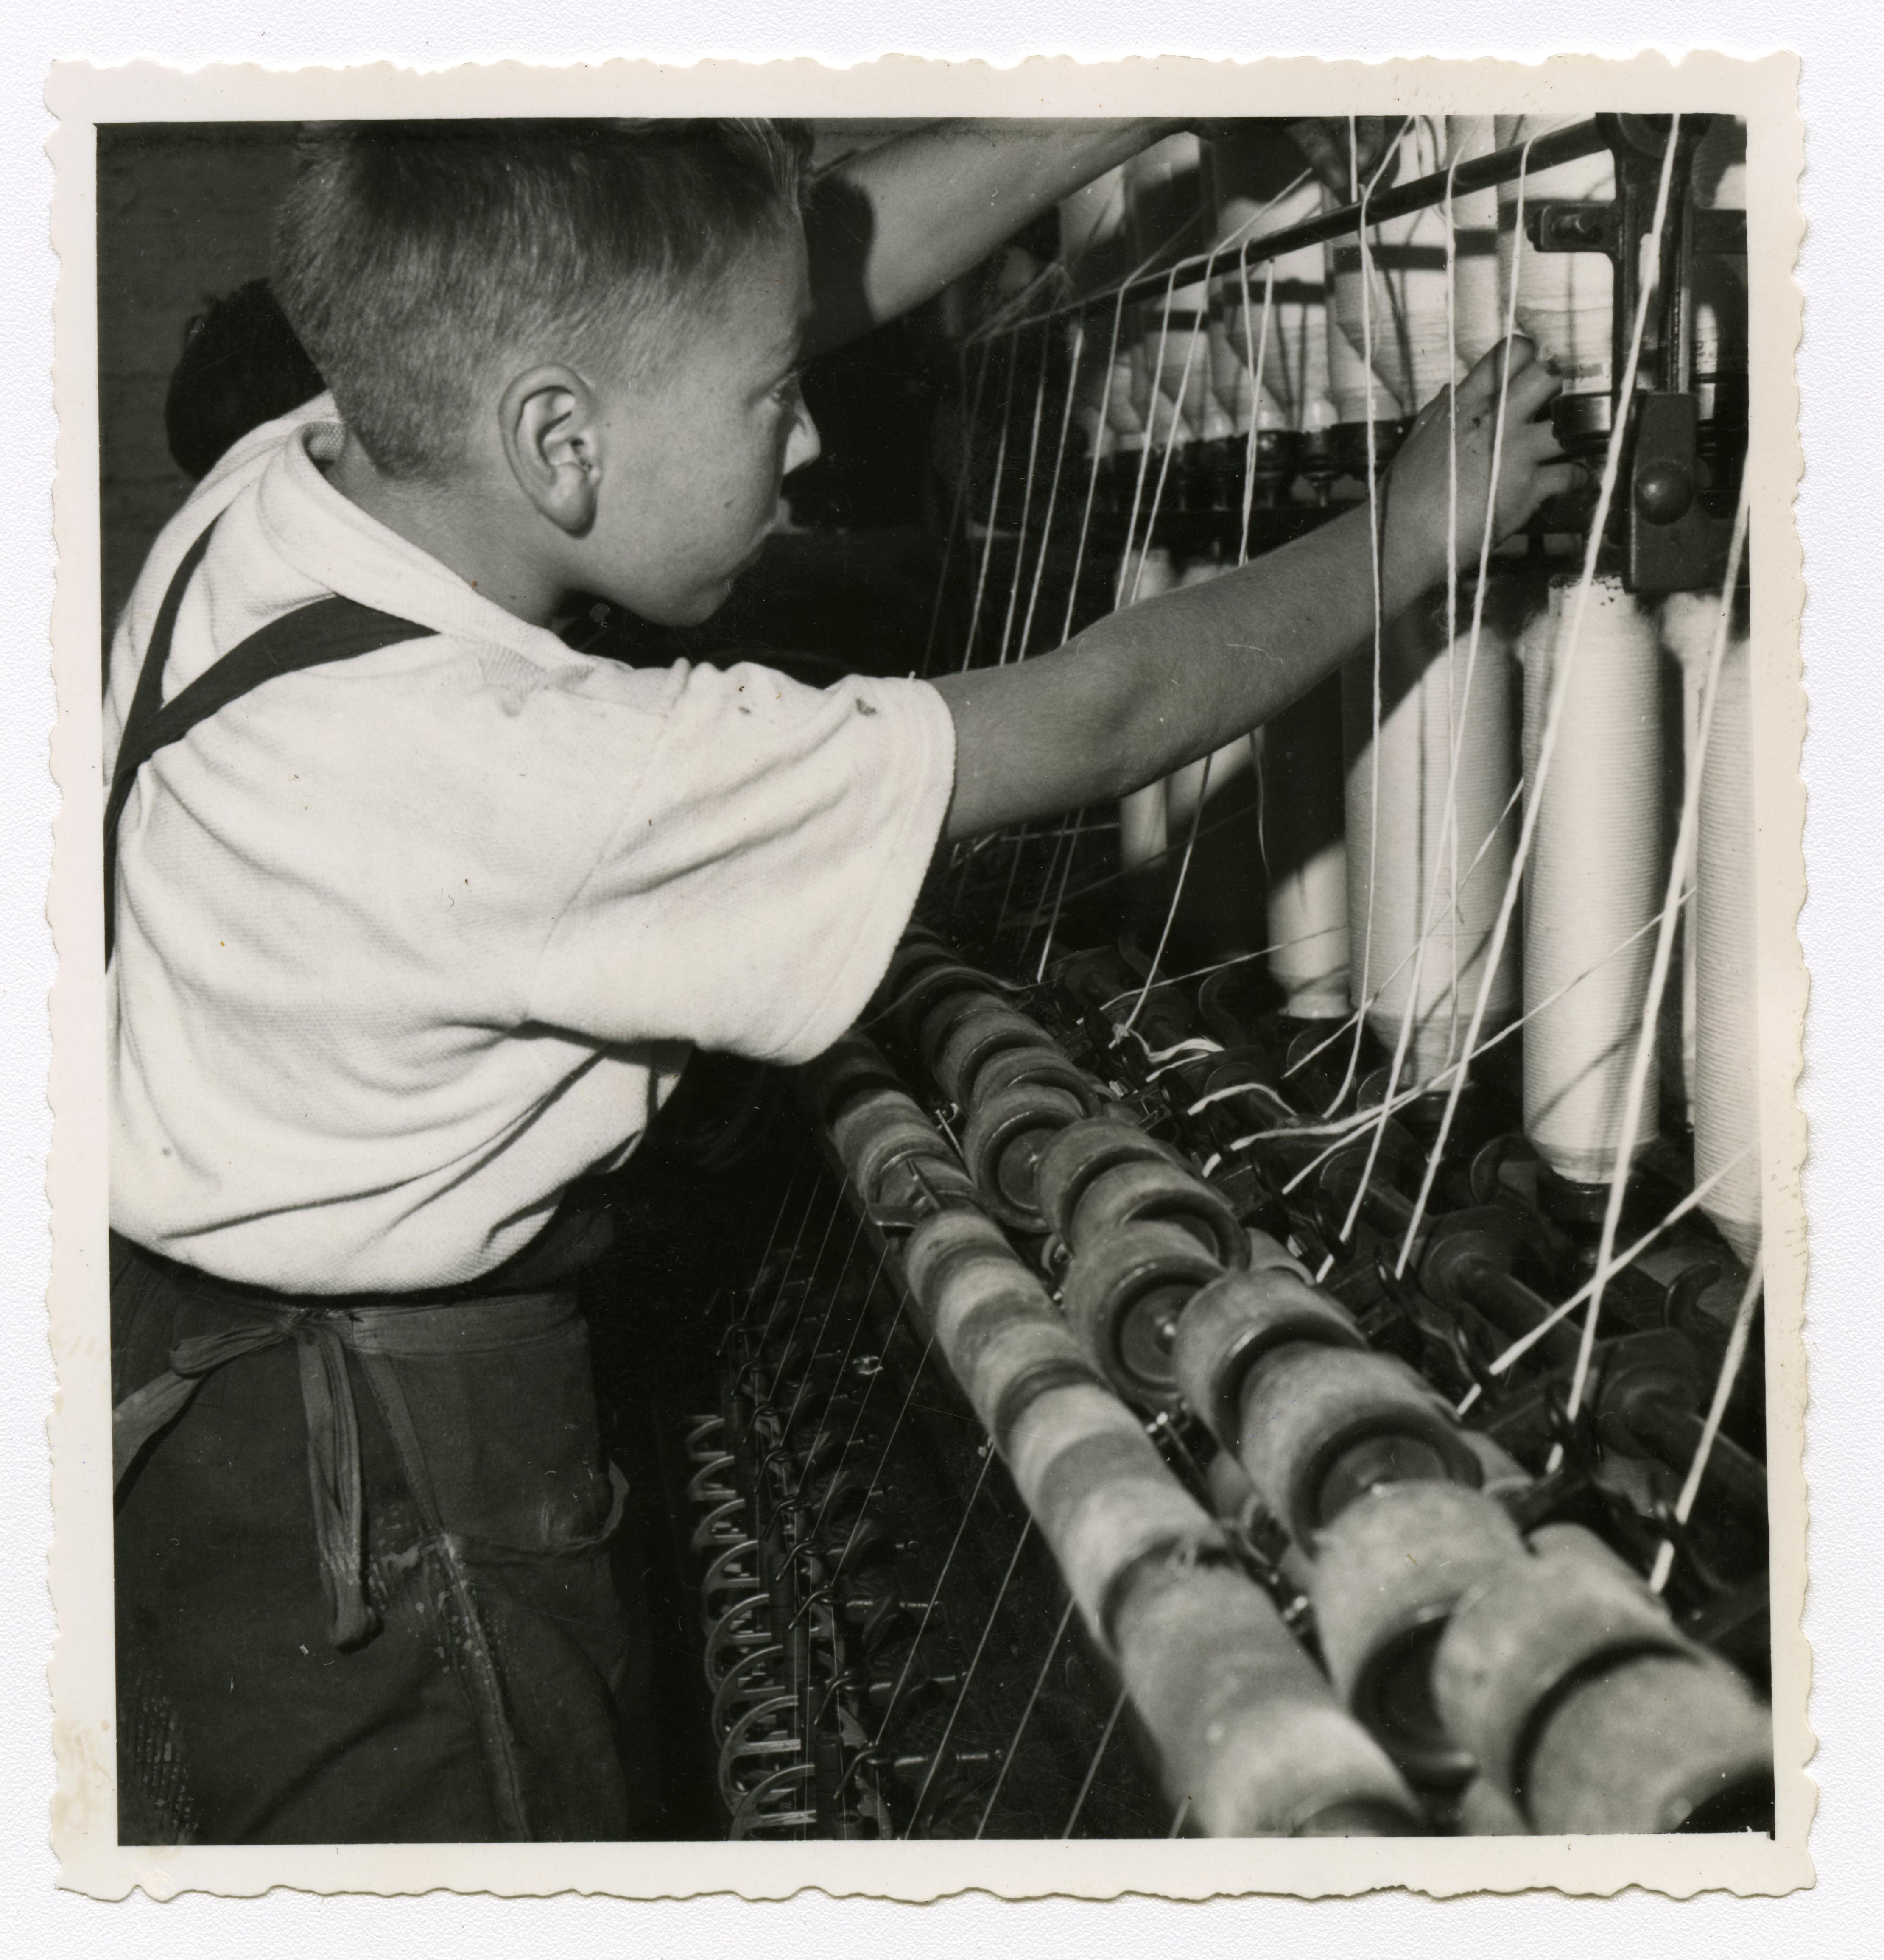 Jeune ouvrier travaillant sur un métier à tisser : tirage photographique, Lille (Nord), vers 1955.